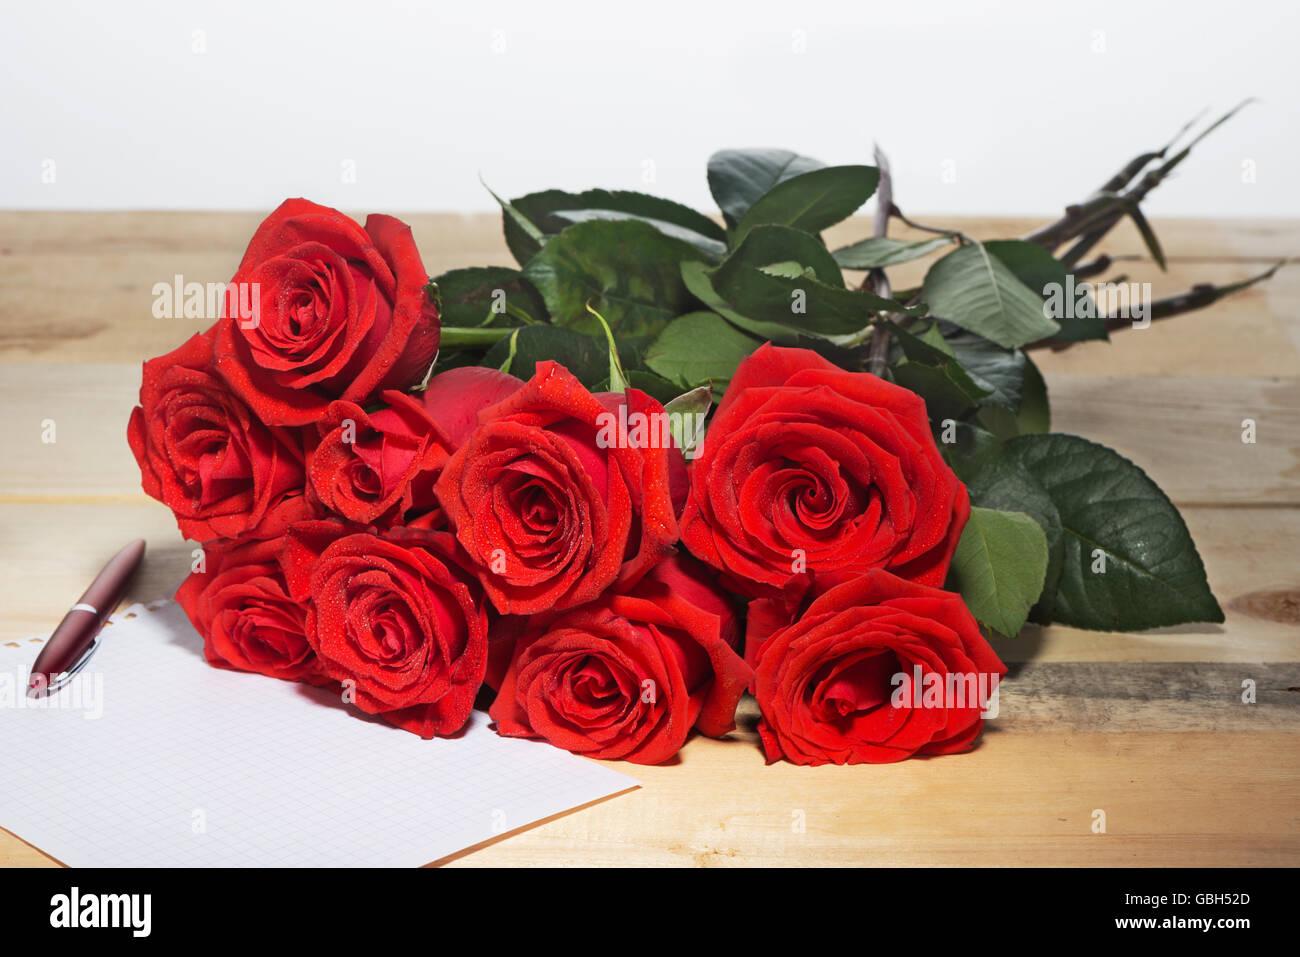 Ecrire Sur Panneau Bois bouquet de roses rouges sur une surface de panneaux de bois